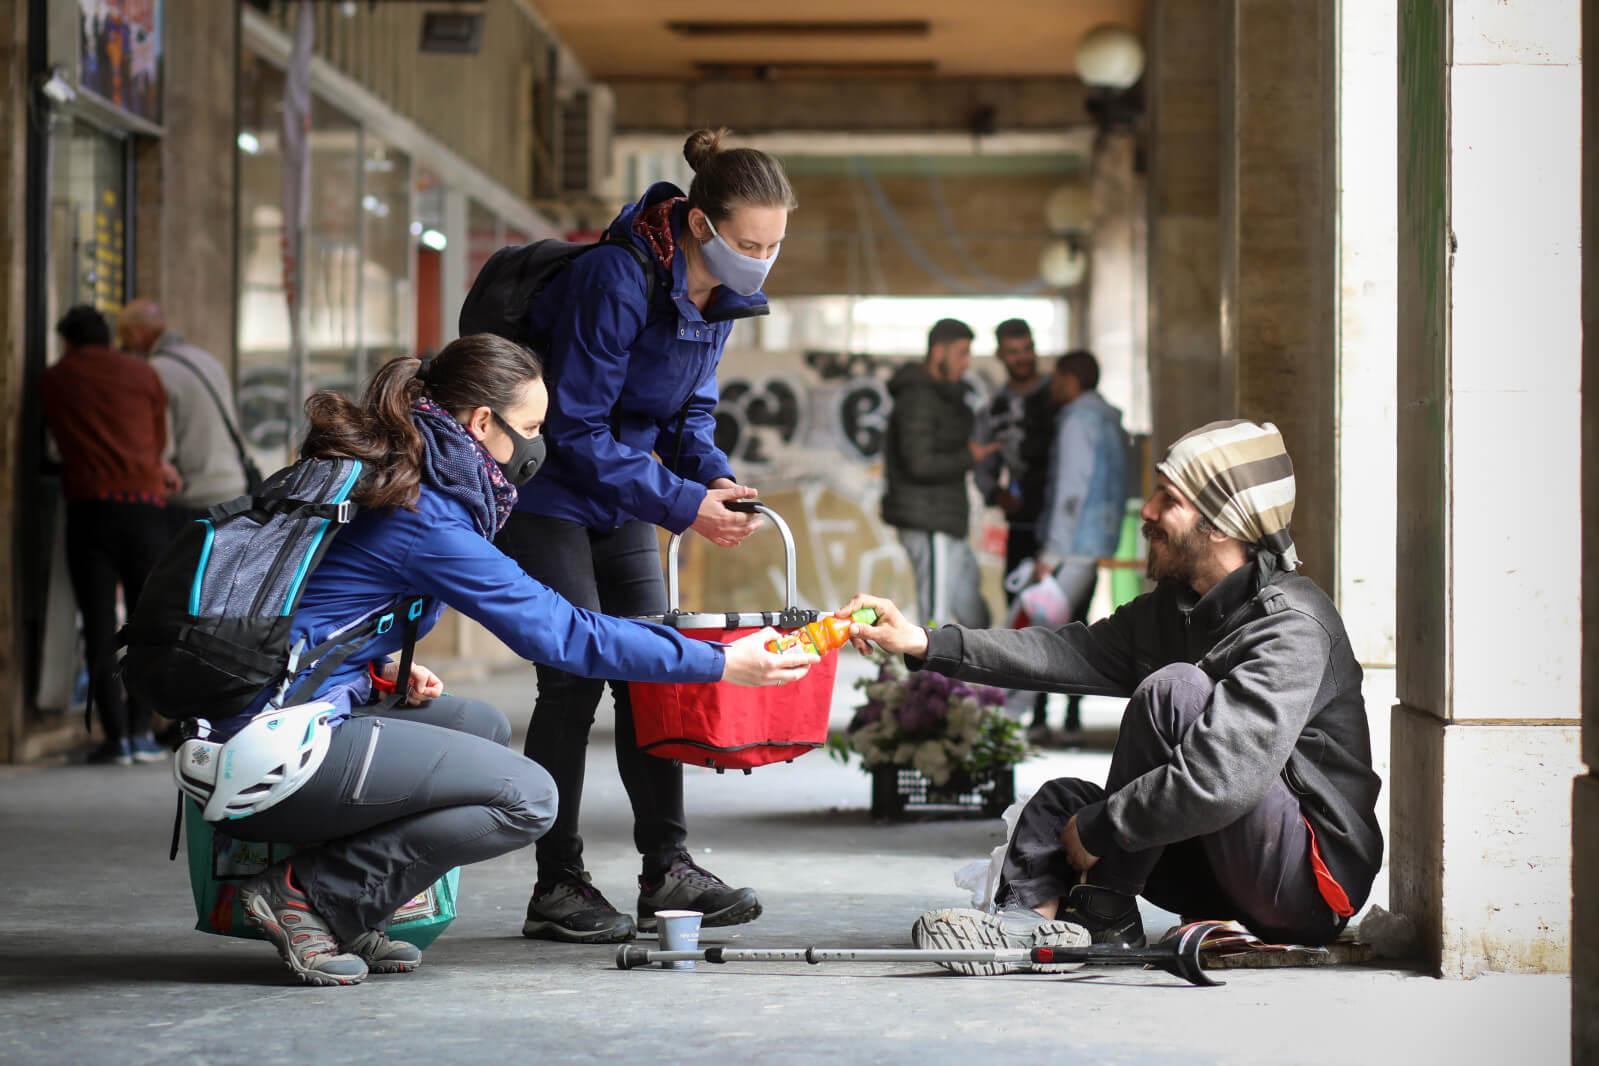 Sant'Egidio közösség szegények segítés